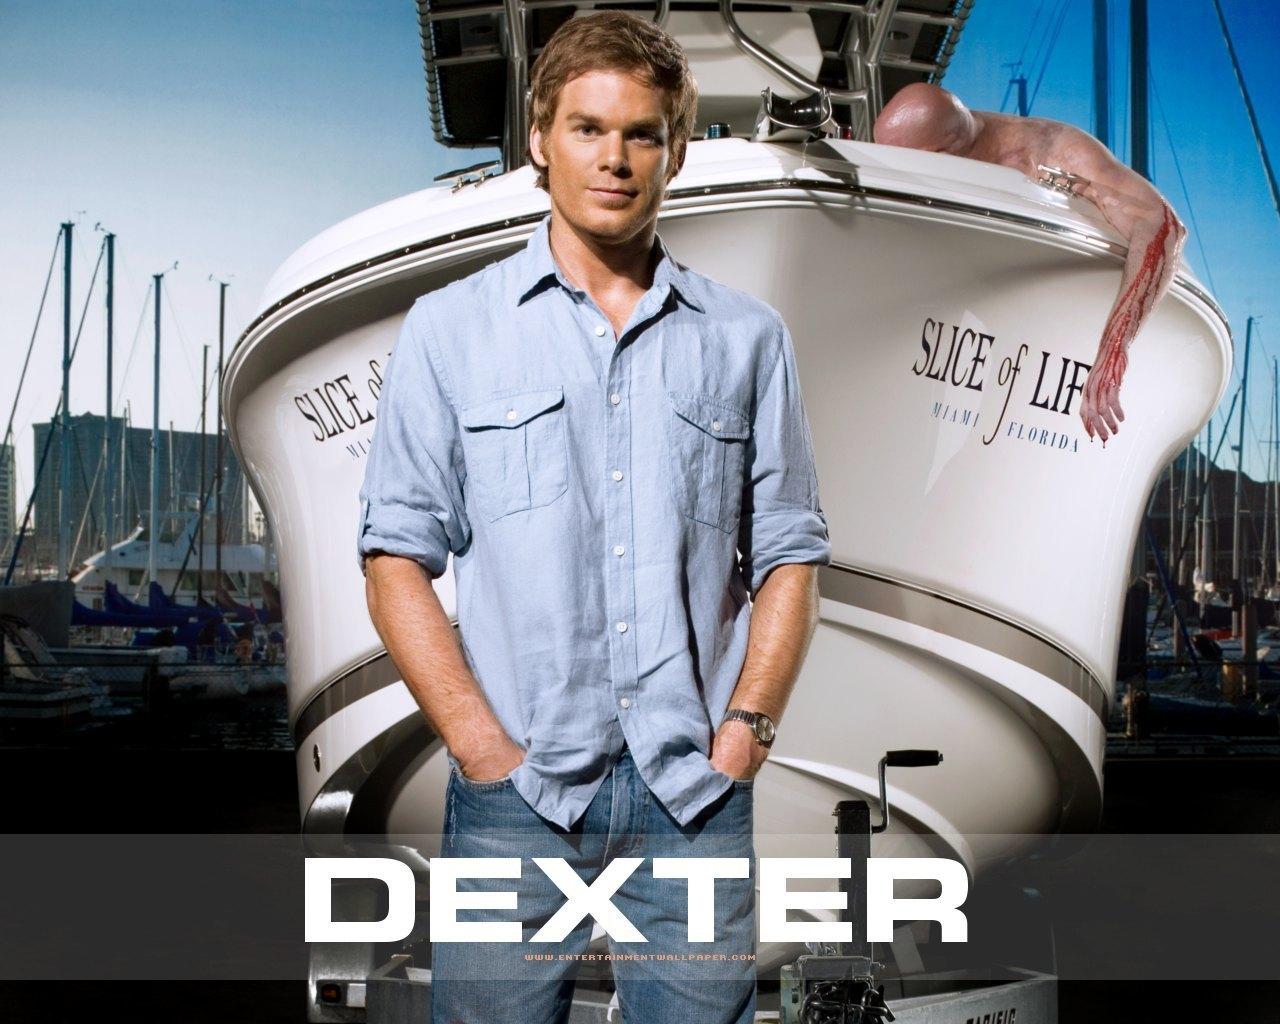 http://2.bp.blogspot.com/_V5kK0yI2S6s/TPGUXeEzcqI/AAAAAAAAACg/O-wR_nqEt8Y/s1600/Dexter-dexter-2953319-1280-1024.jpg